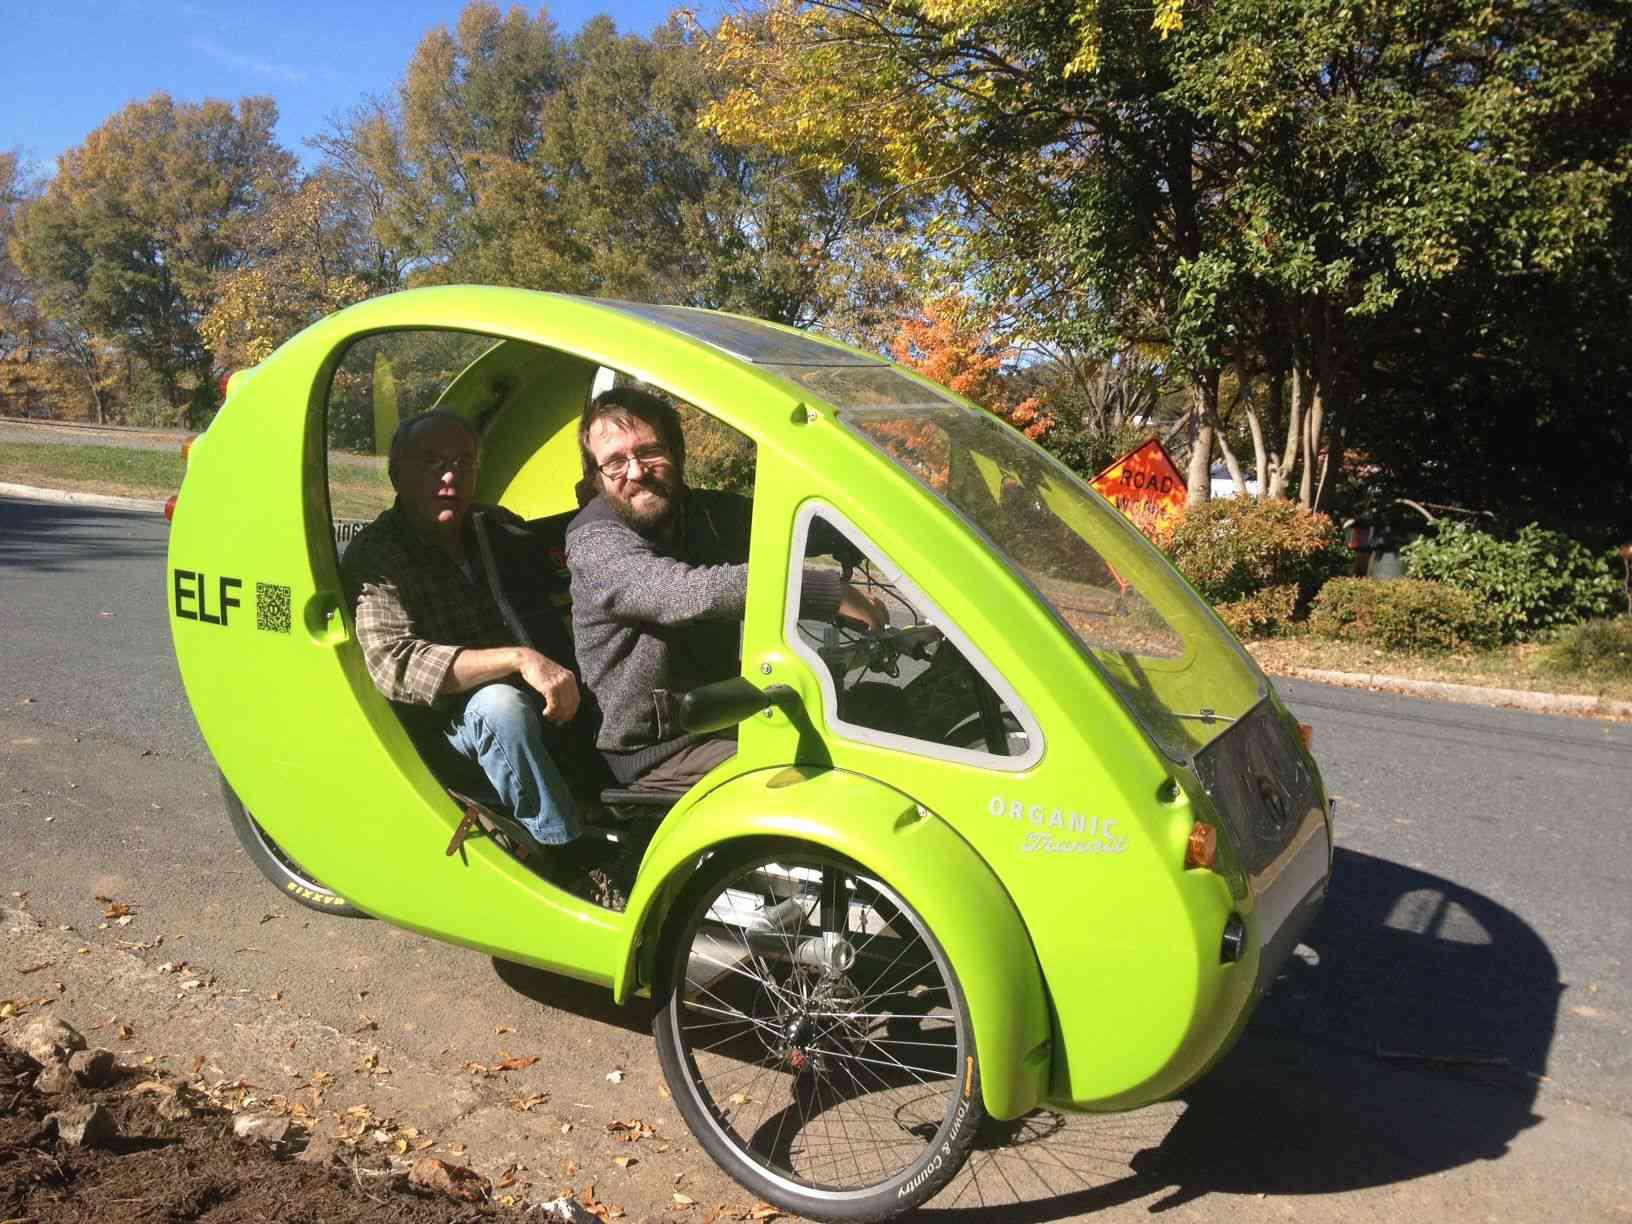 ELF test ride photo